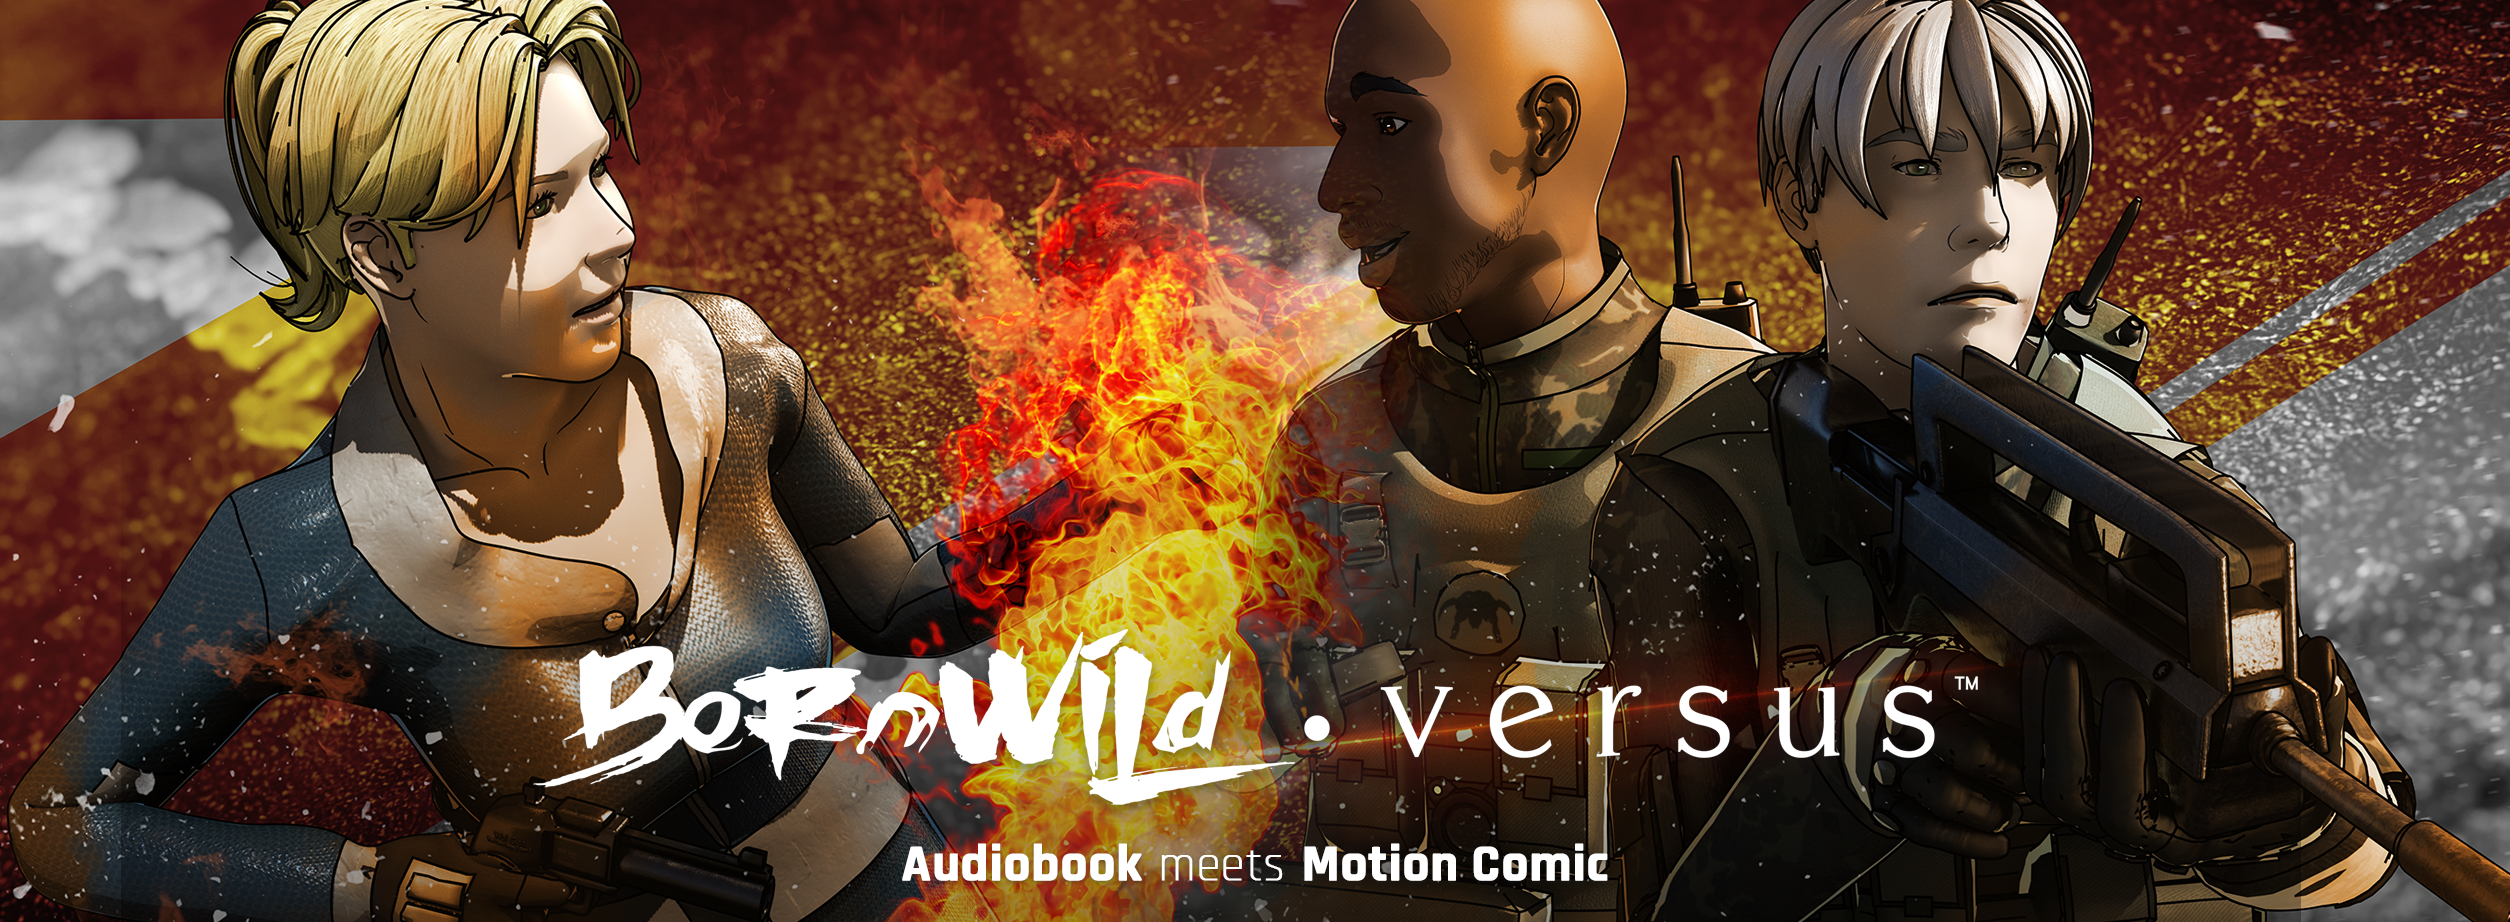 BornWild • Versus - Episode 6